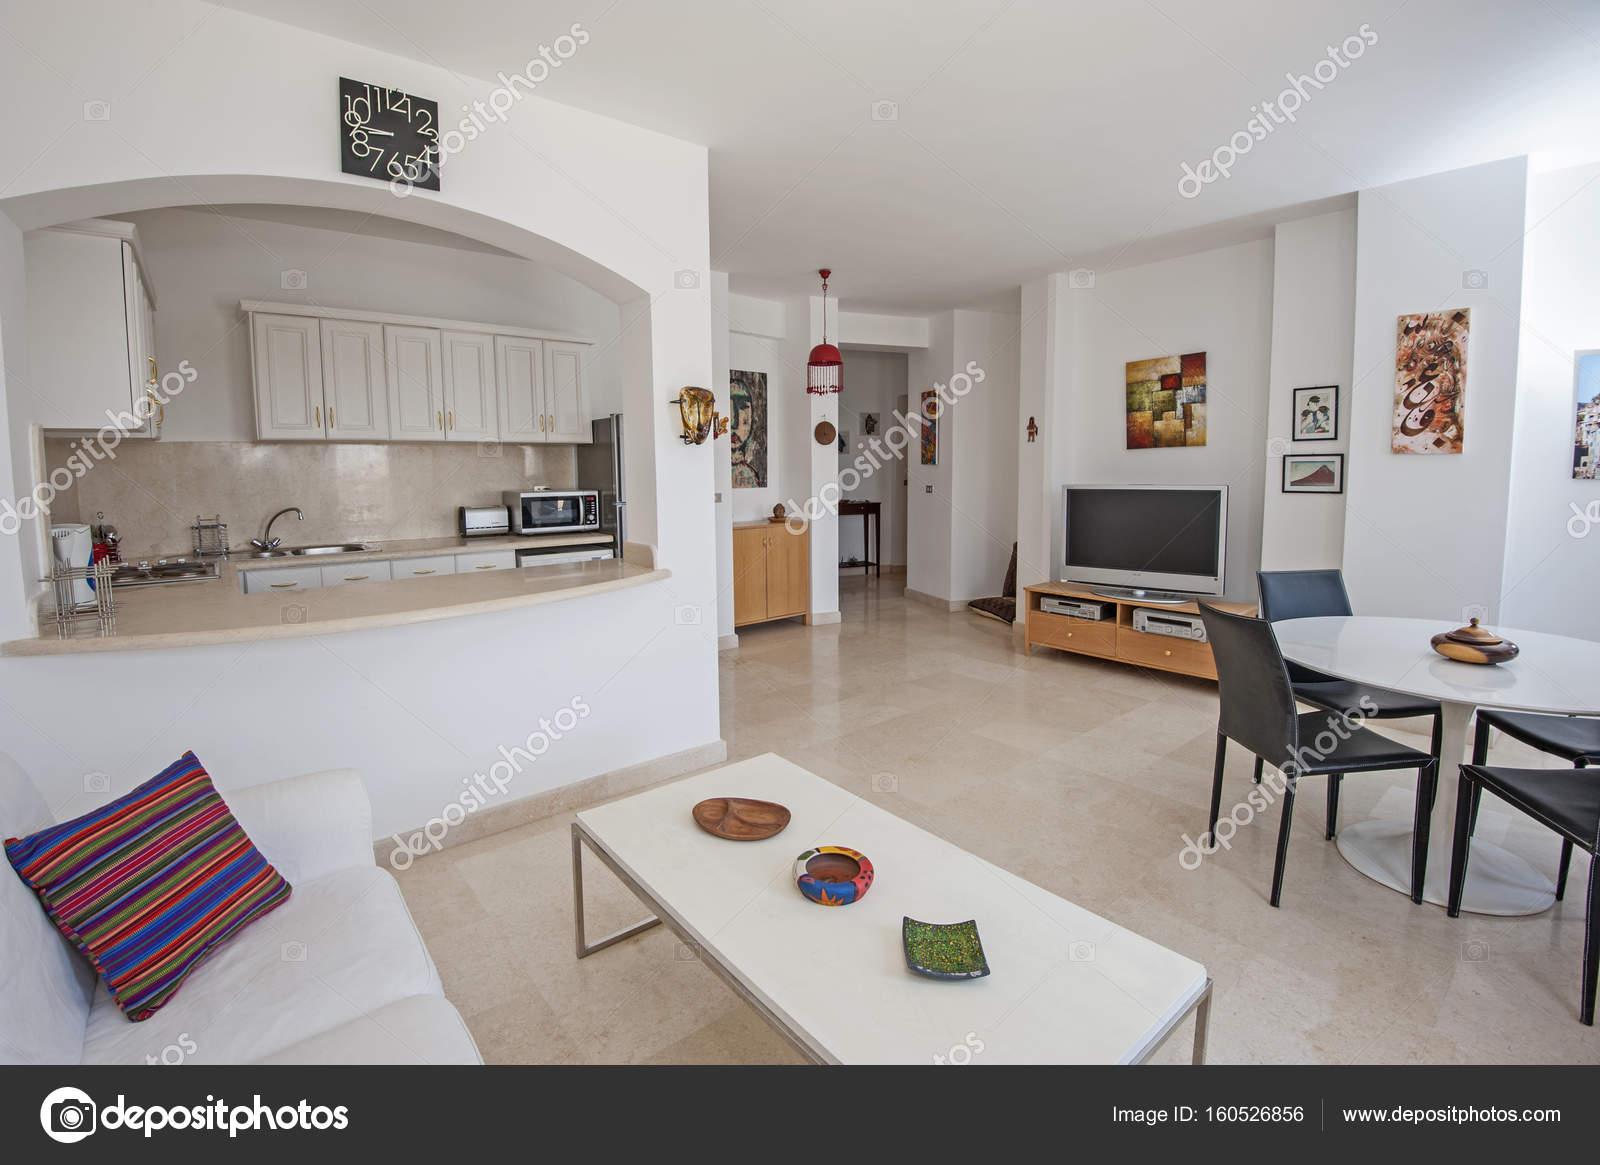 Luxe Interieur Inrichting : Interieurinrichting van luxe appartement keuken en woonkamer